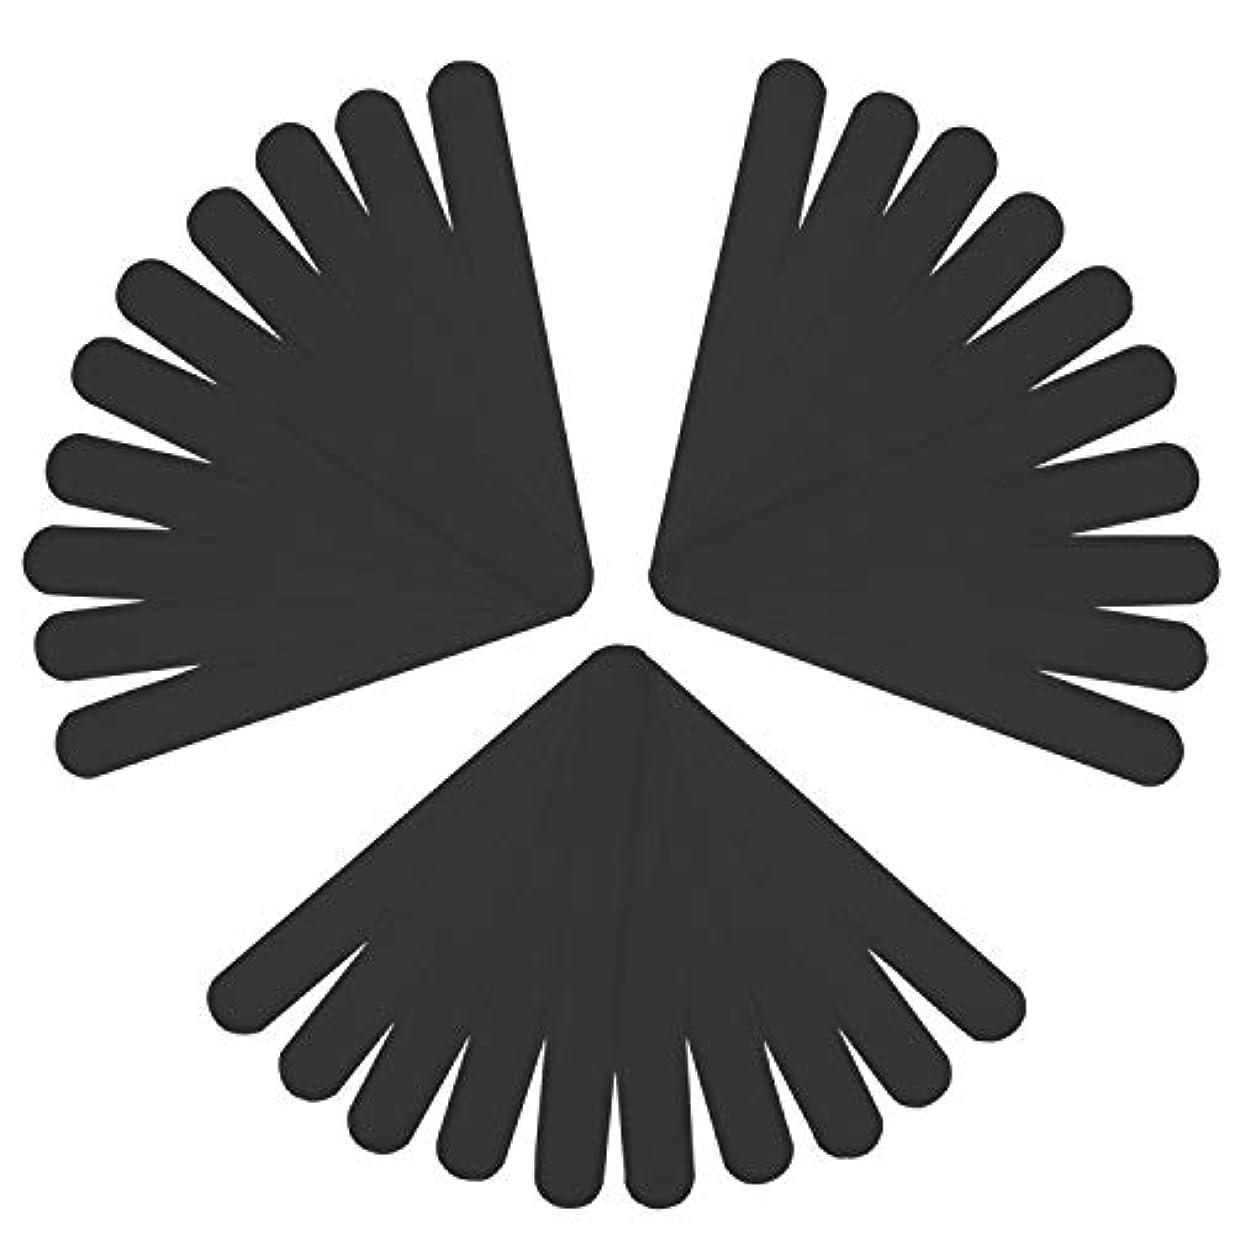 動く対抗ダムLUCKYBEE汗取りシート 30本入り 帽子 汗取りパッド 襟 よごれガードテープ 汗吸収 防臭シート 無香料 あせジミ防止 暑さ対策 ブラック (ブラック)